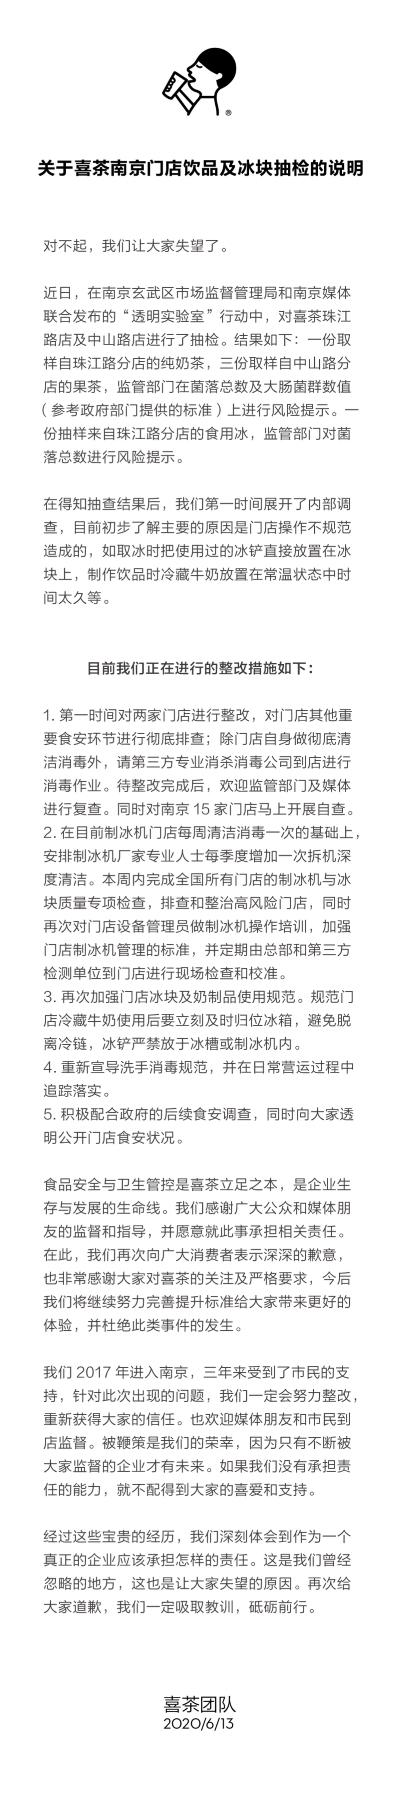 喜茶5批次产品菌落总数超标 负责人被约谈 官微致歉